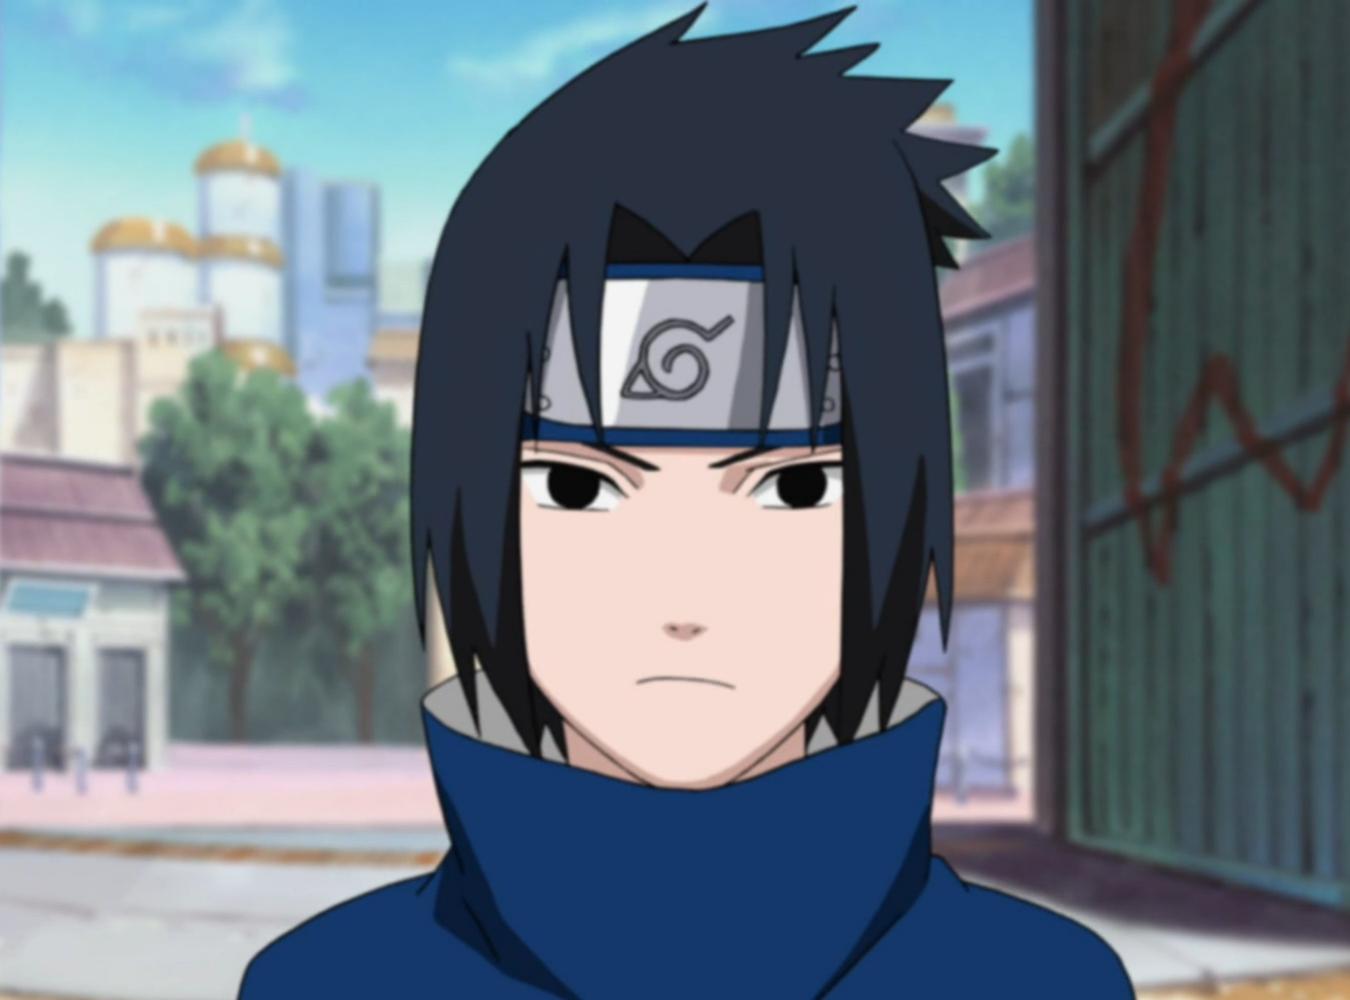 Naruto dating sim sasuke answers for interview